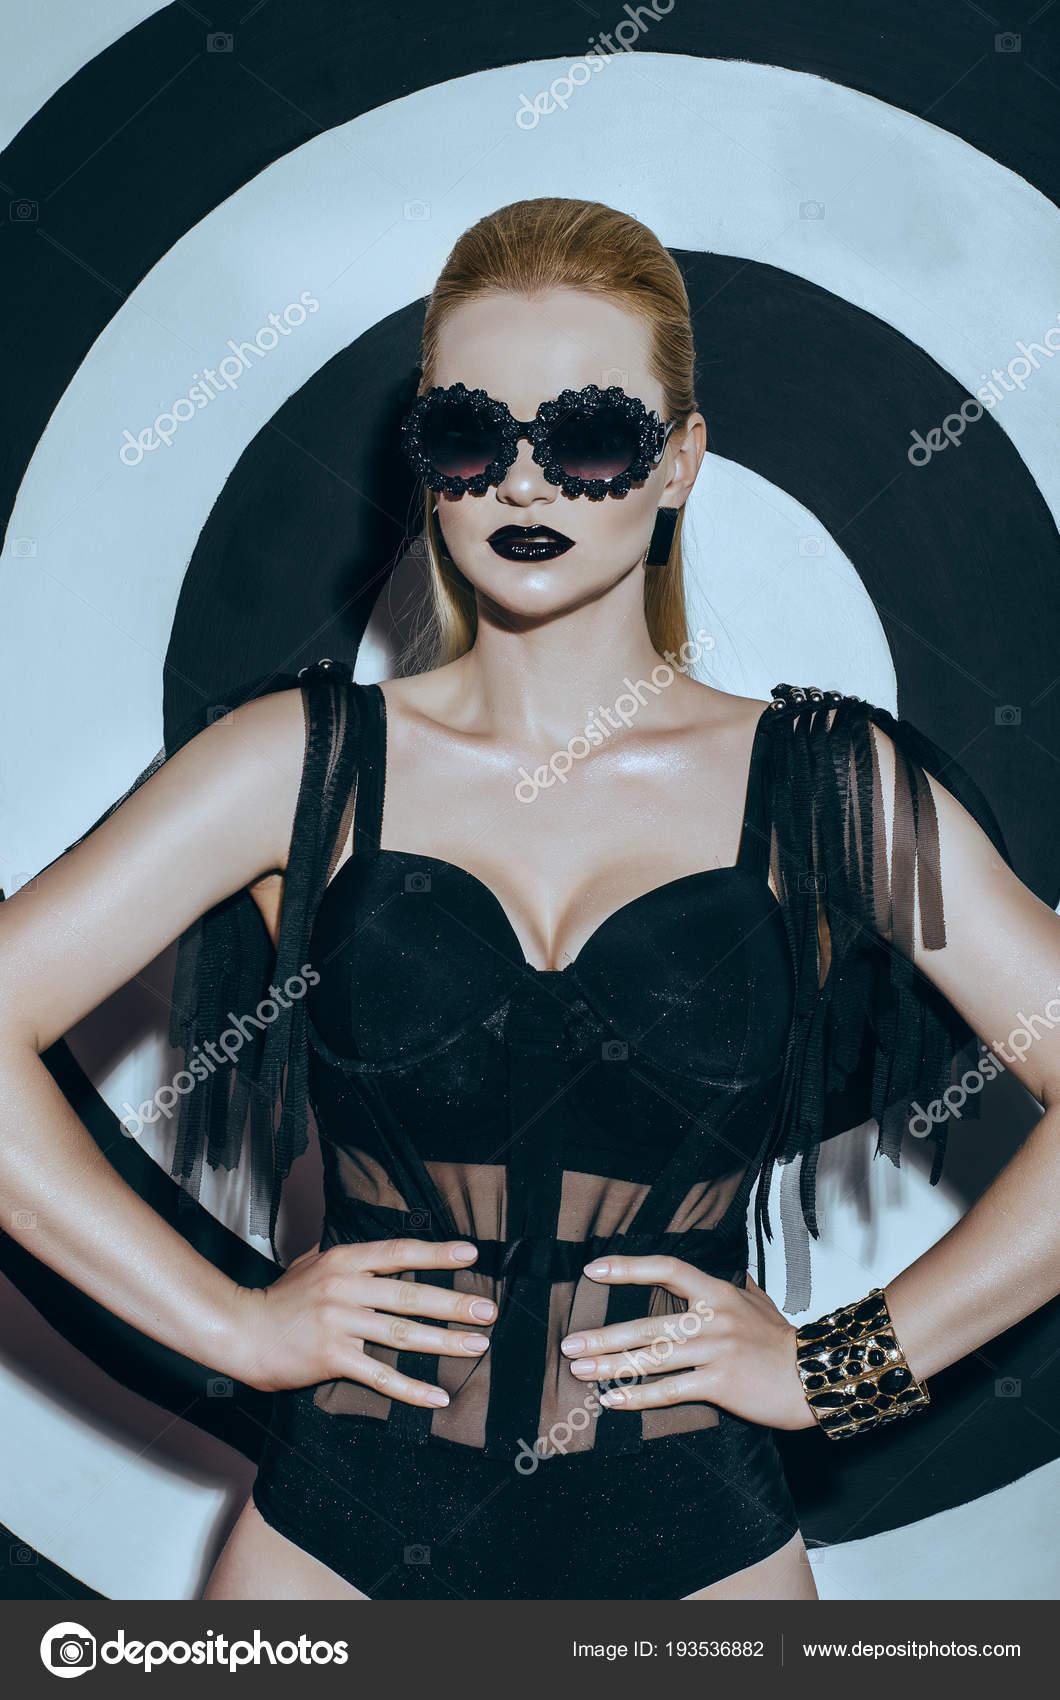 Федерация видео очаровательная блондинка на черно-белом фото картинки сайт супер обворожительная